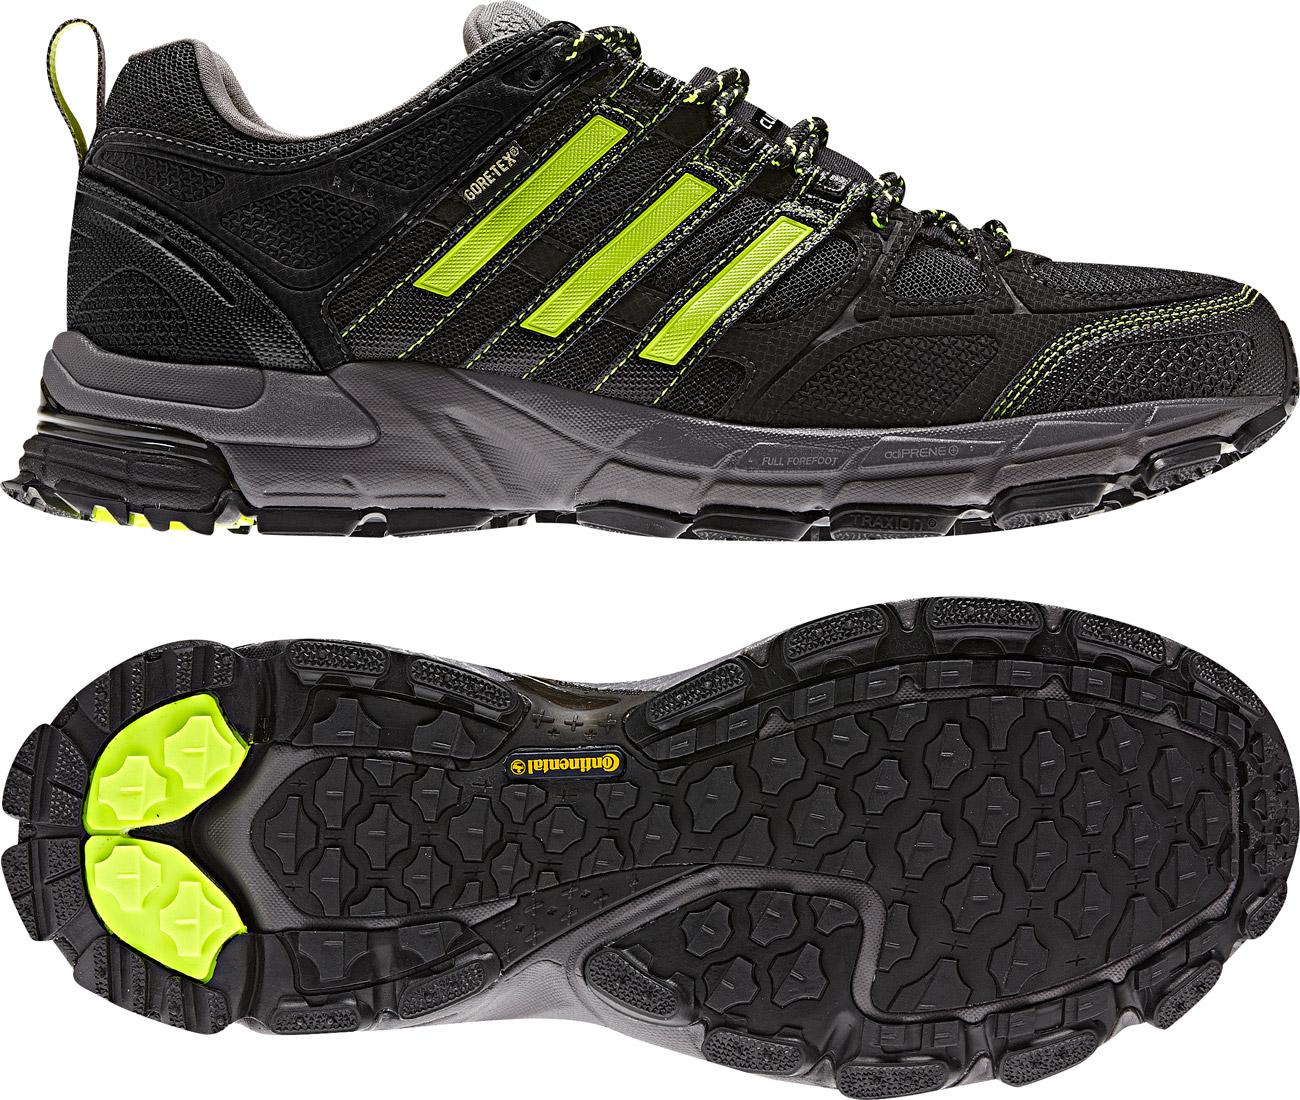 adidas Supernova Riot 3 M GTX - adidas LH24 tip. Krosová běžecká obuv s  Gore-Tex membránou. Ideální volba při běhu na nerovném terénu a nepříznivém  počasí. 295a5c14b99